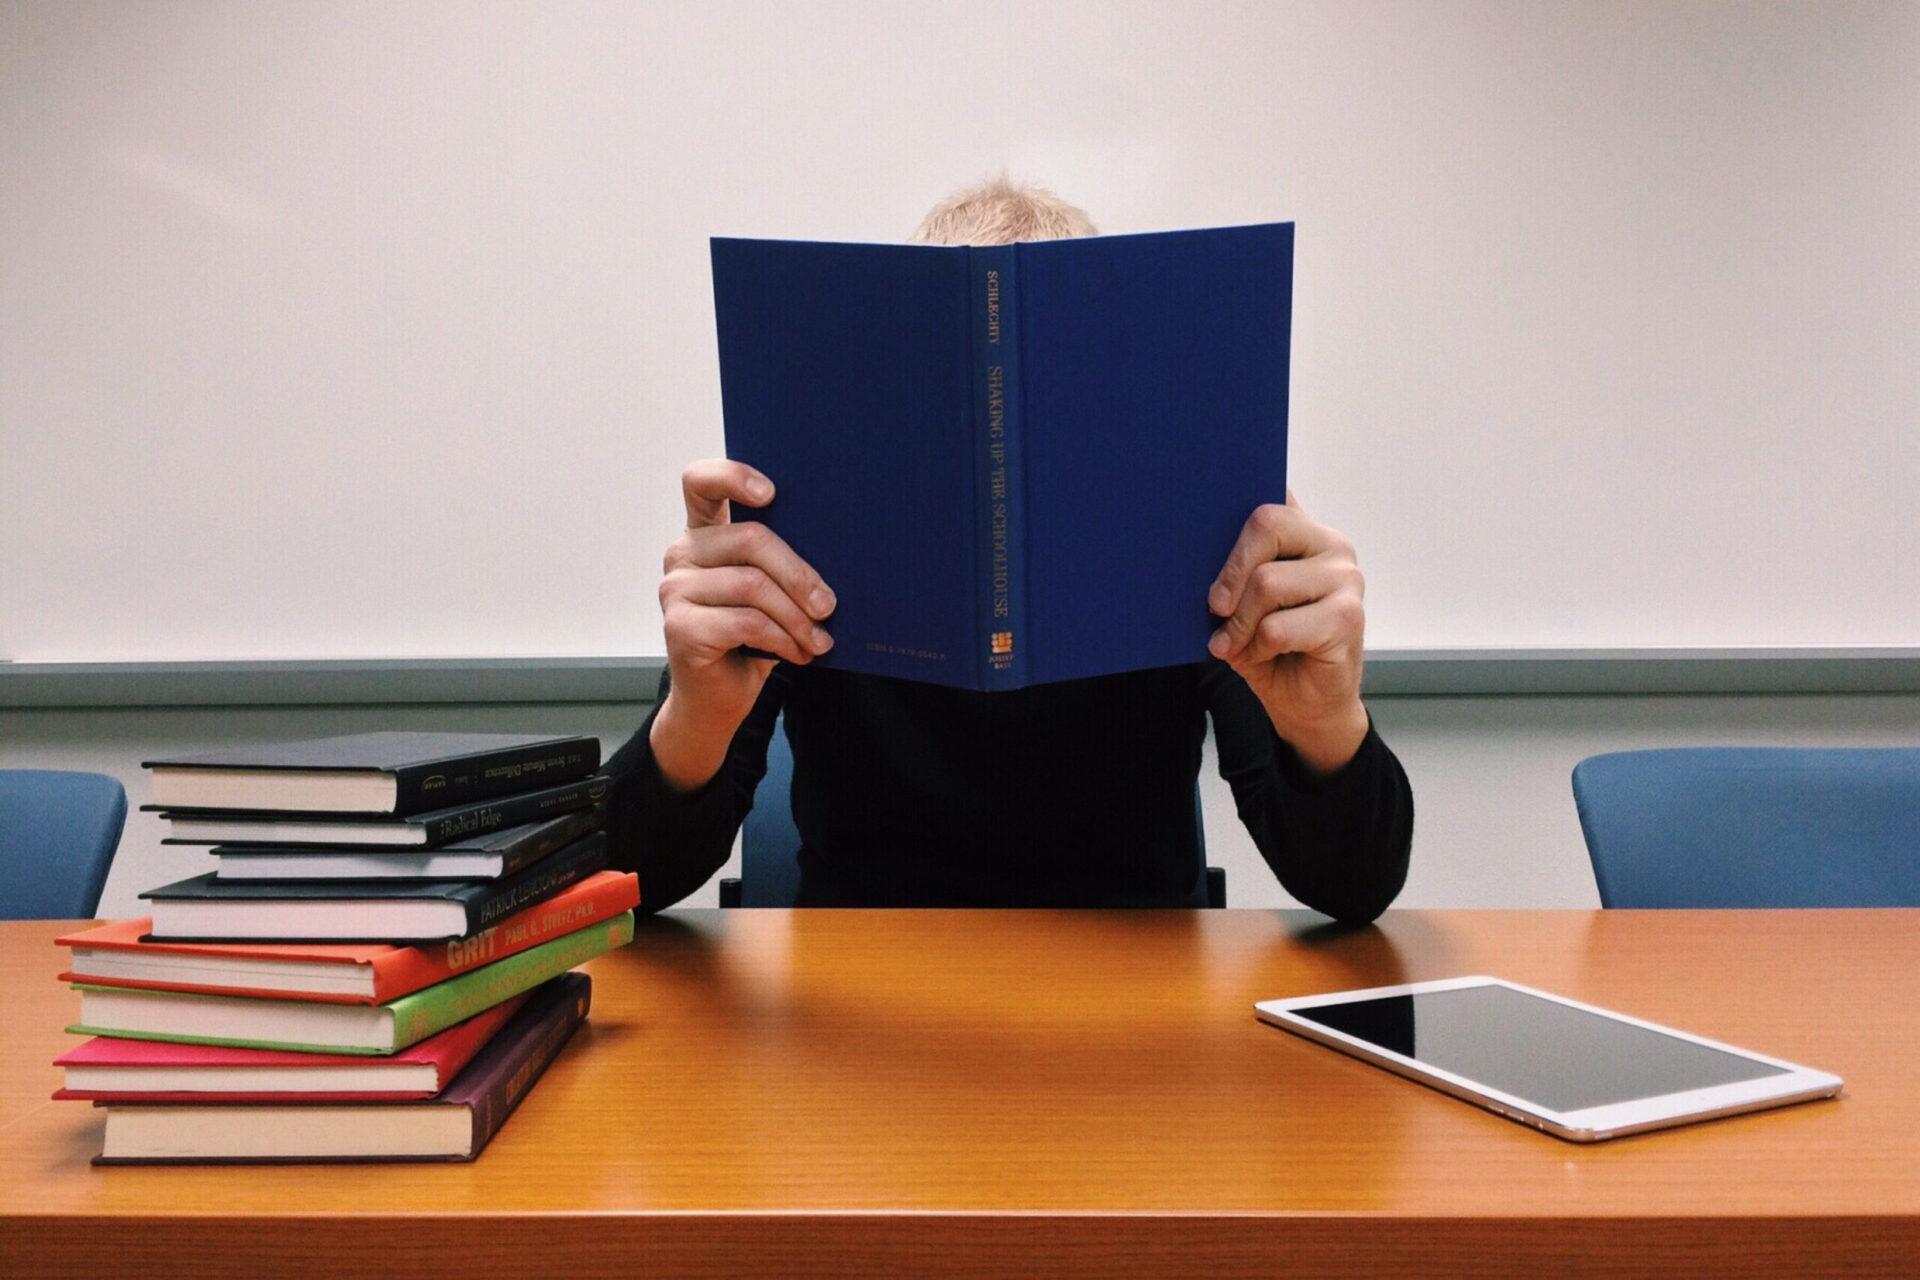 【医学部受験生必見】医学部合格には必要な勉強量は?勉強量を増やすコツもご紹介!